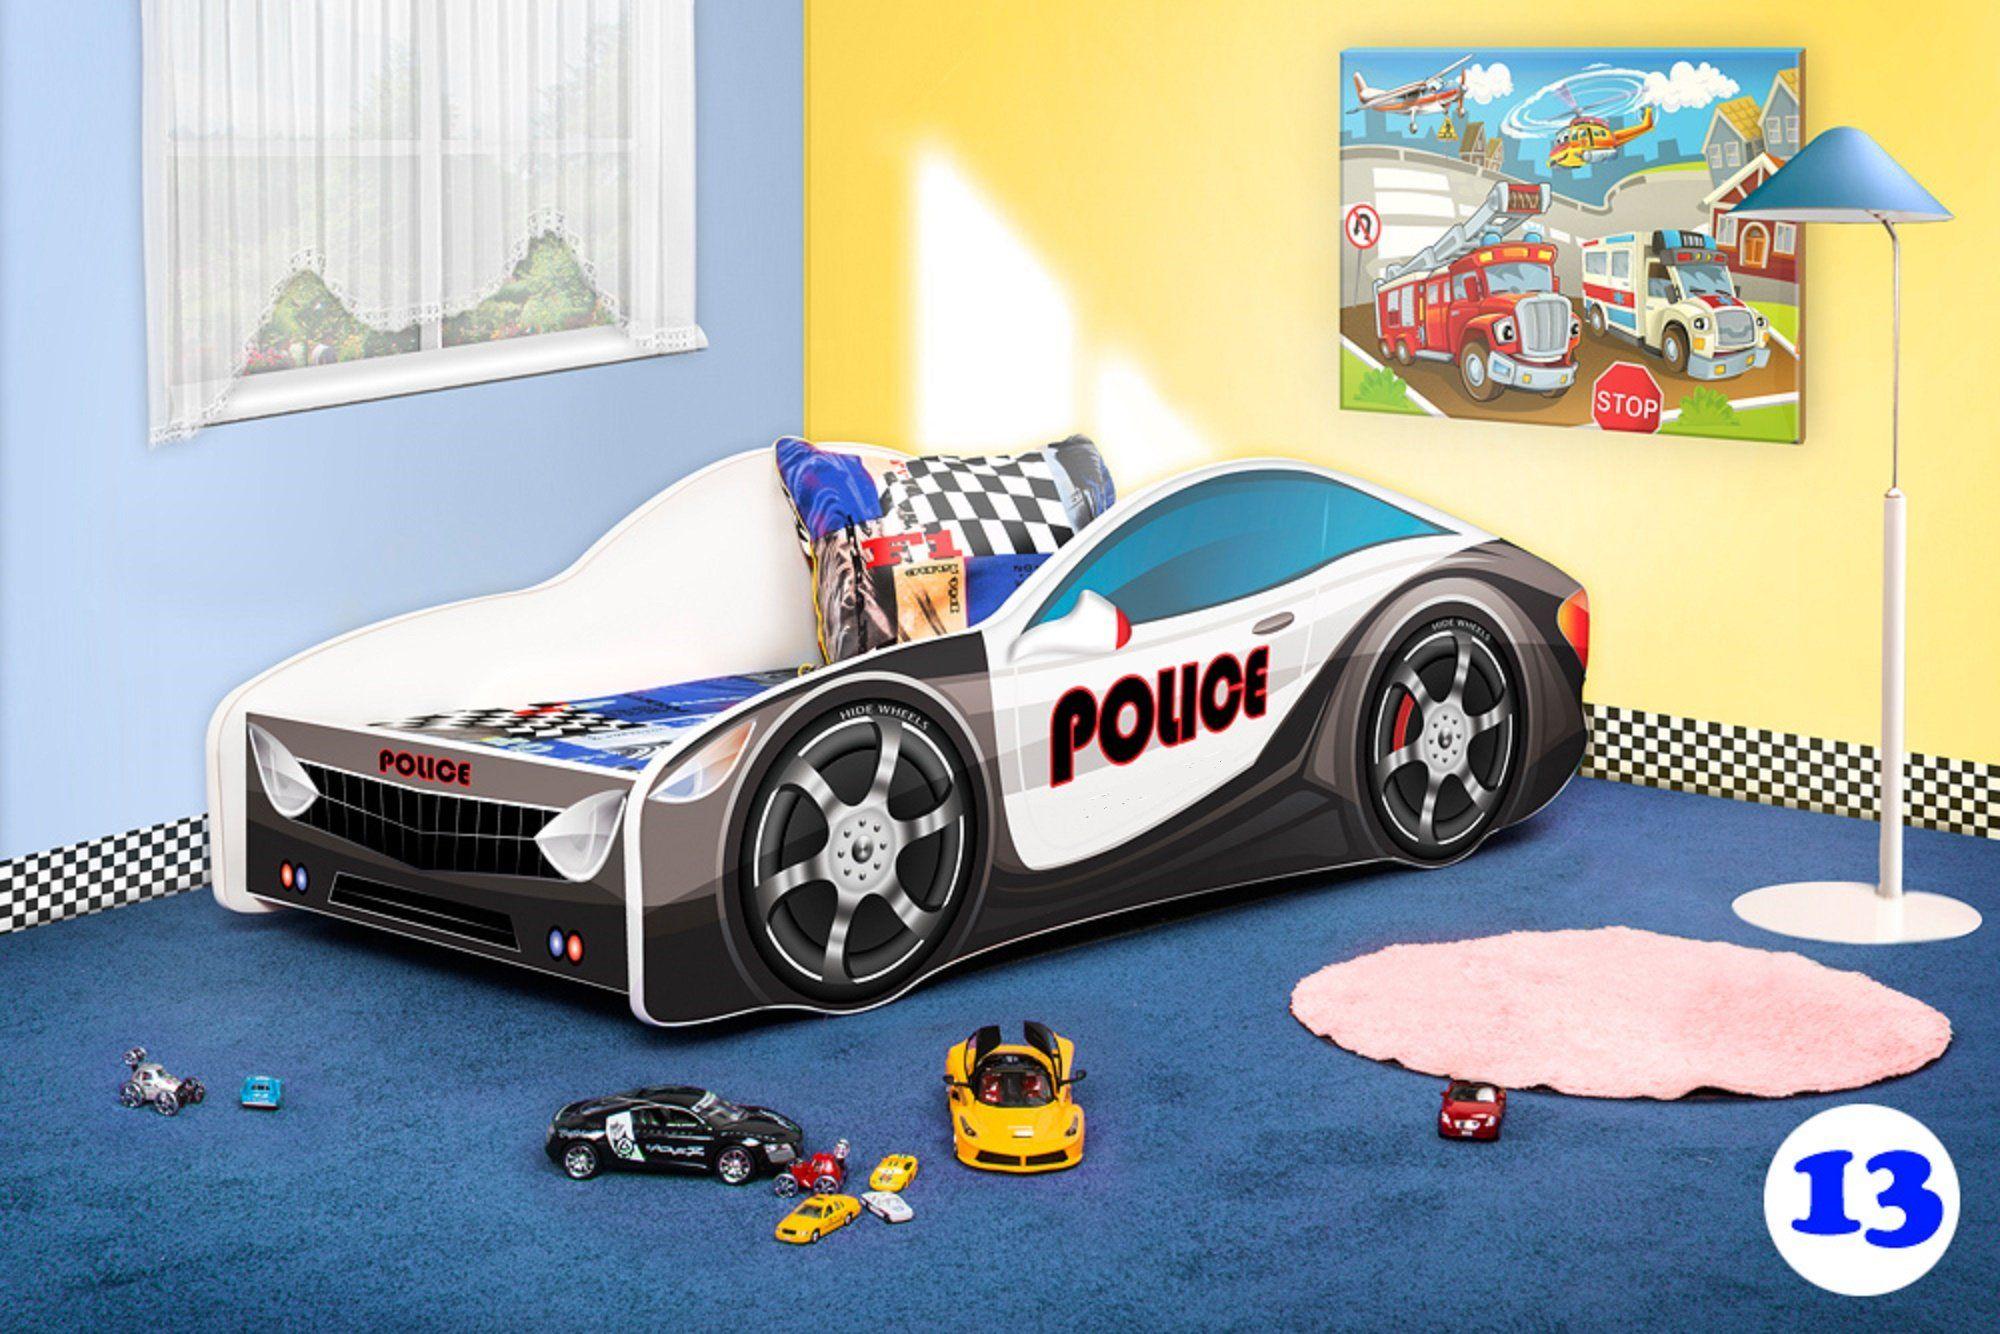 Police Car Twin Platform Bed Frame For Children Boys S Kids Bedroom Furniture